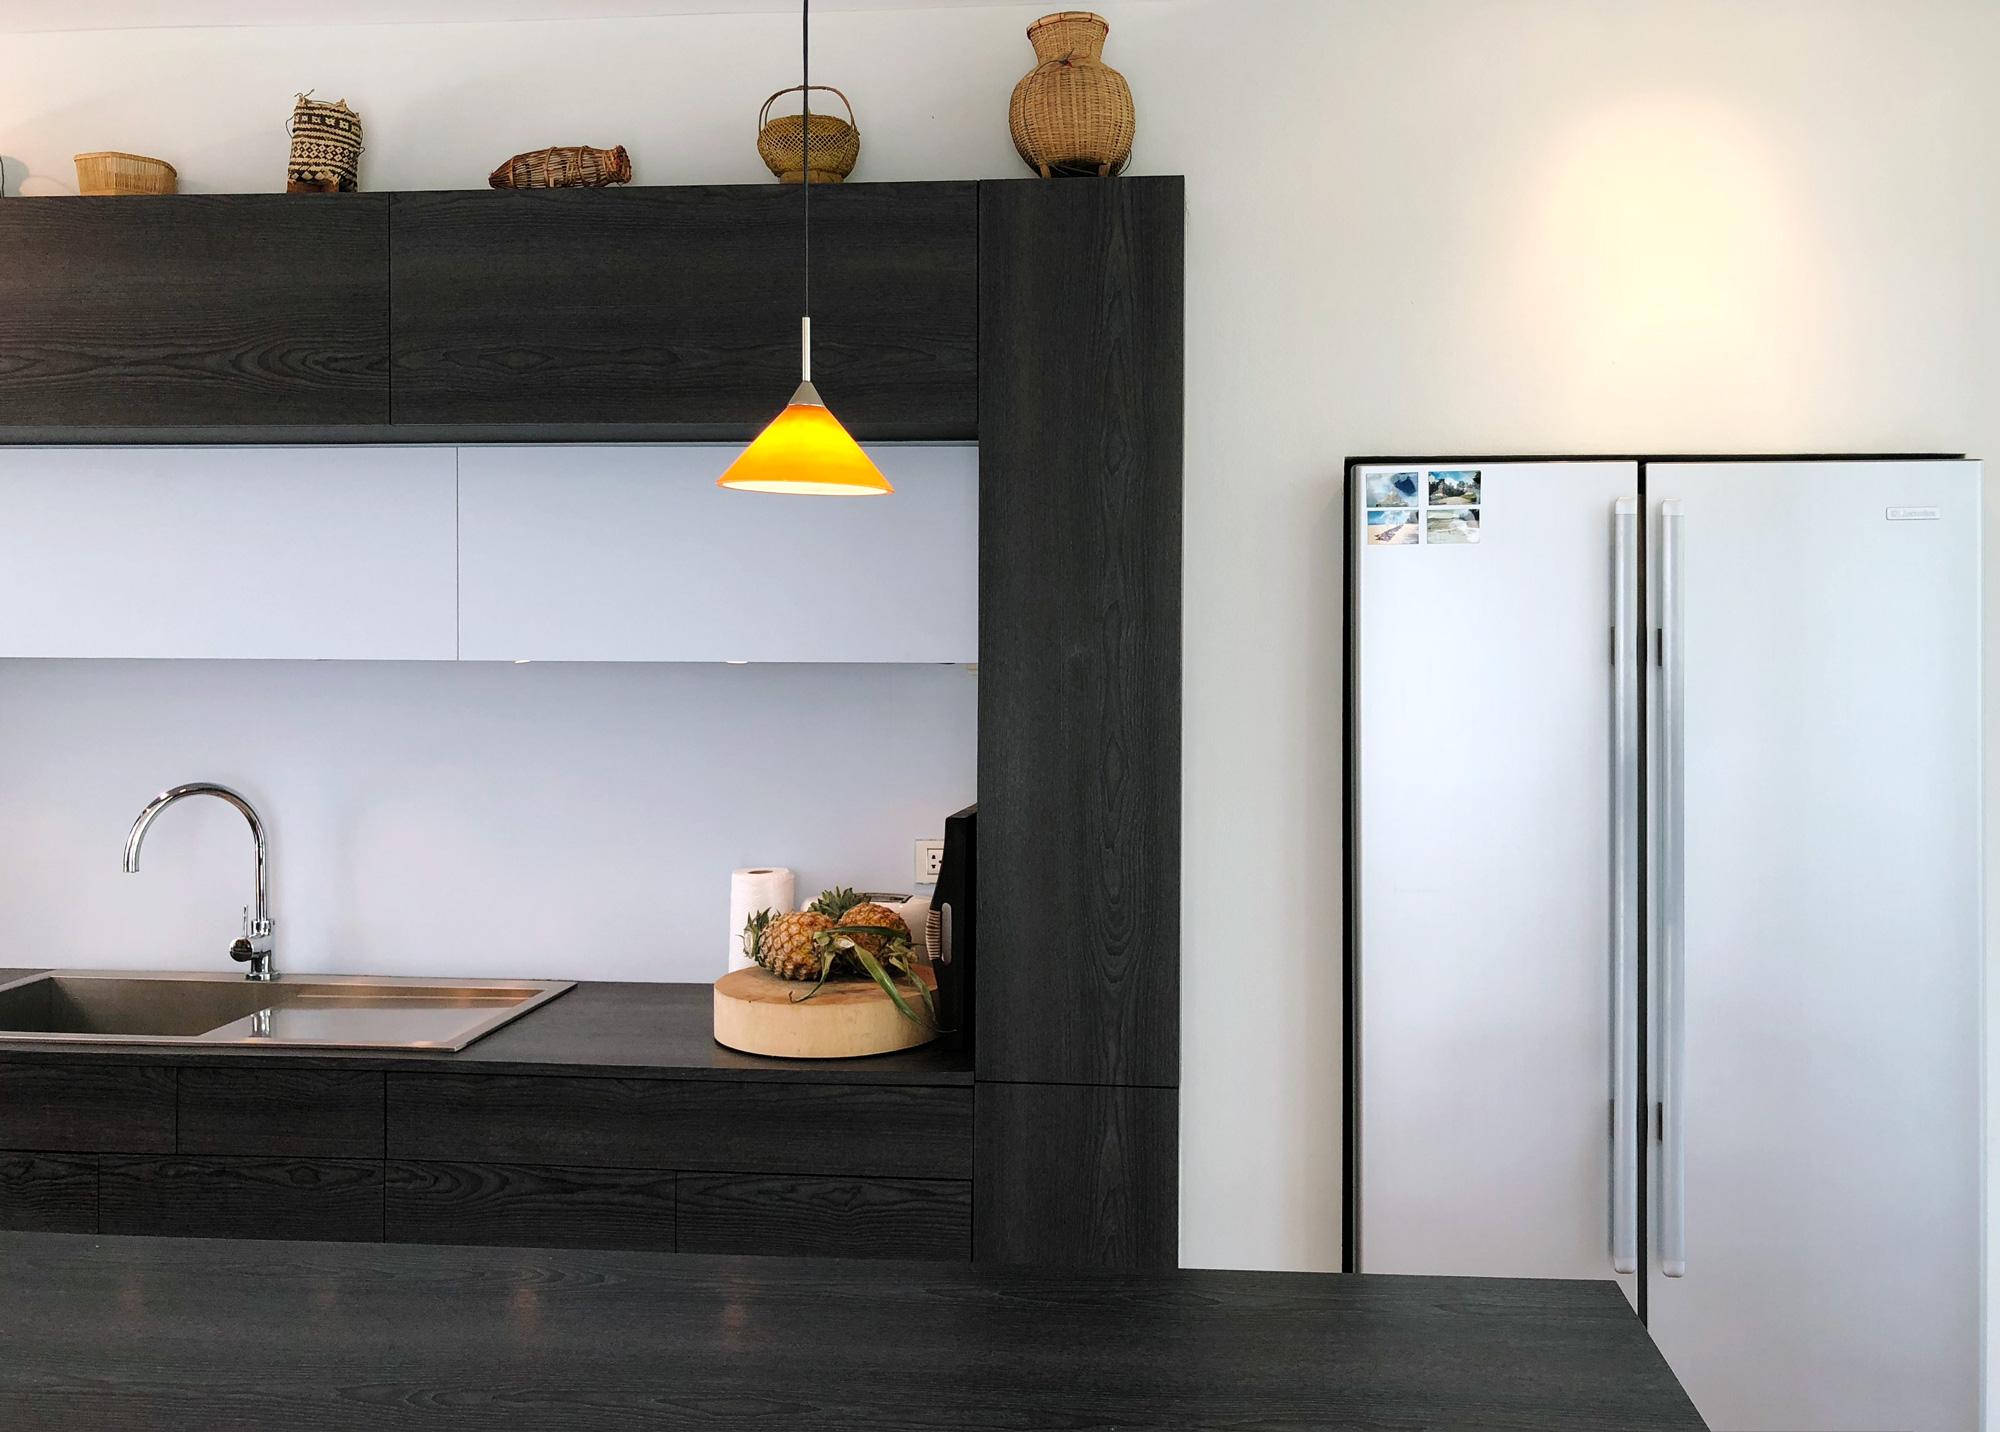 Kitchen and storage